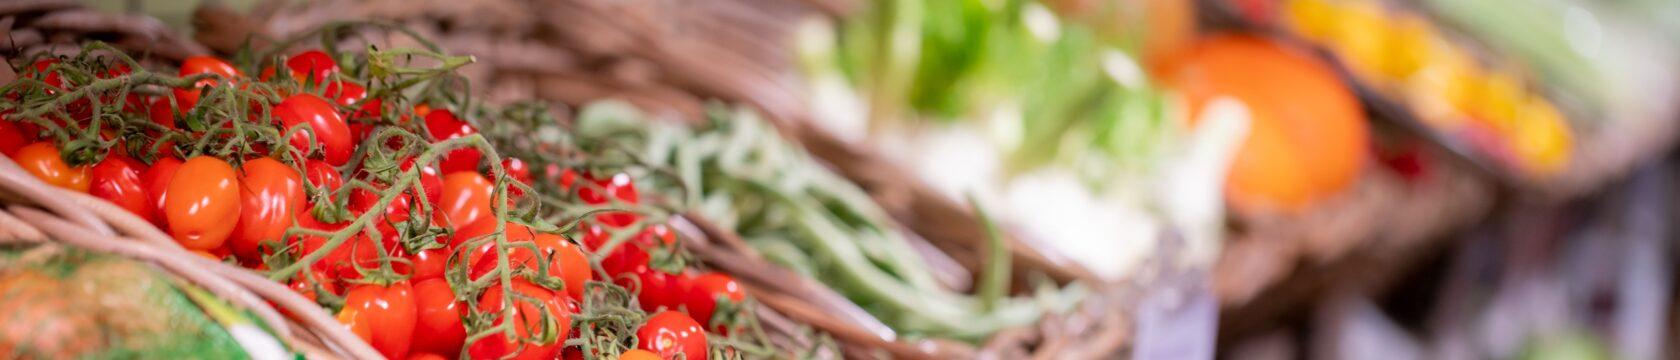 beeld groenten